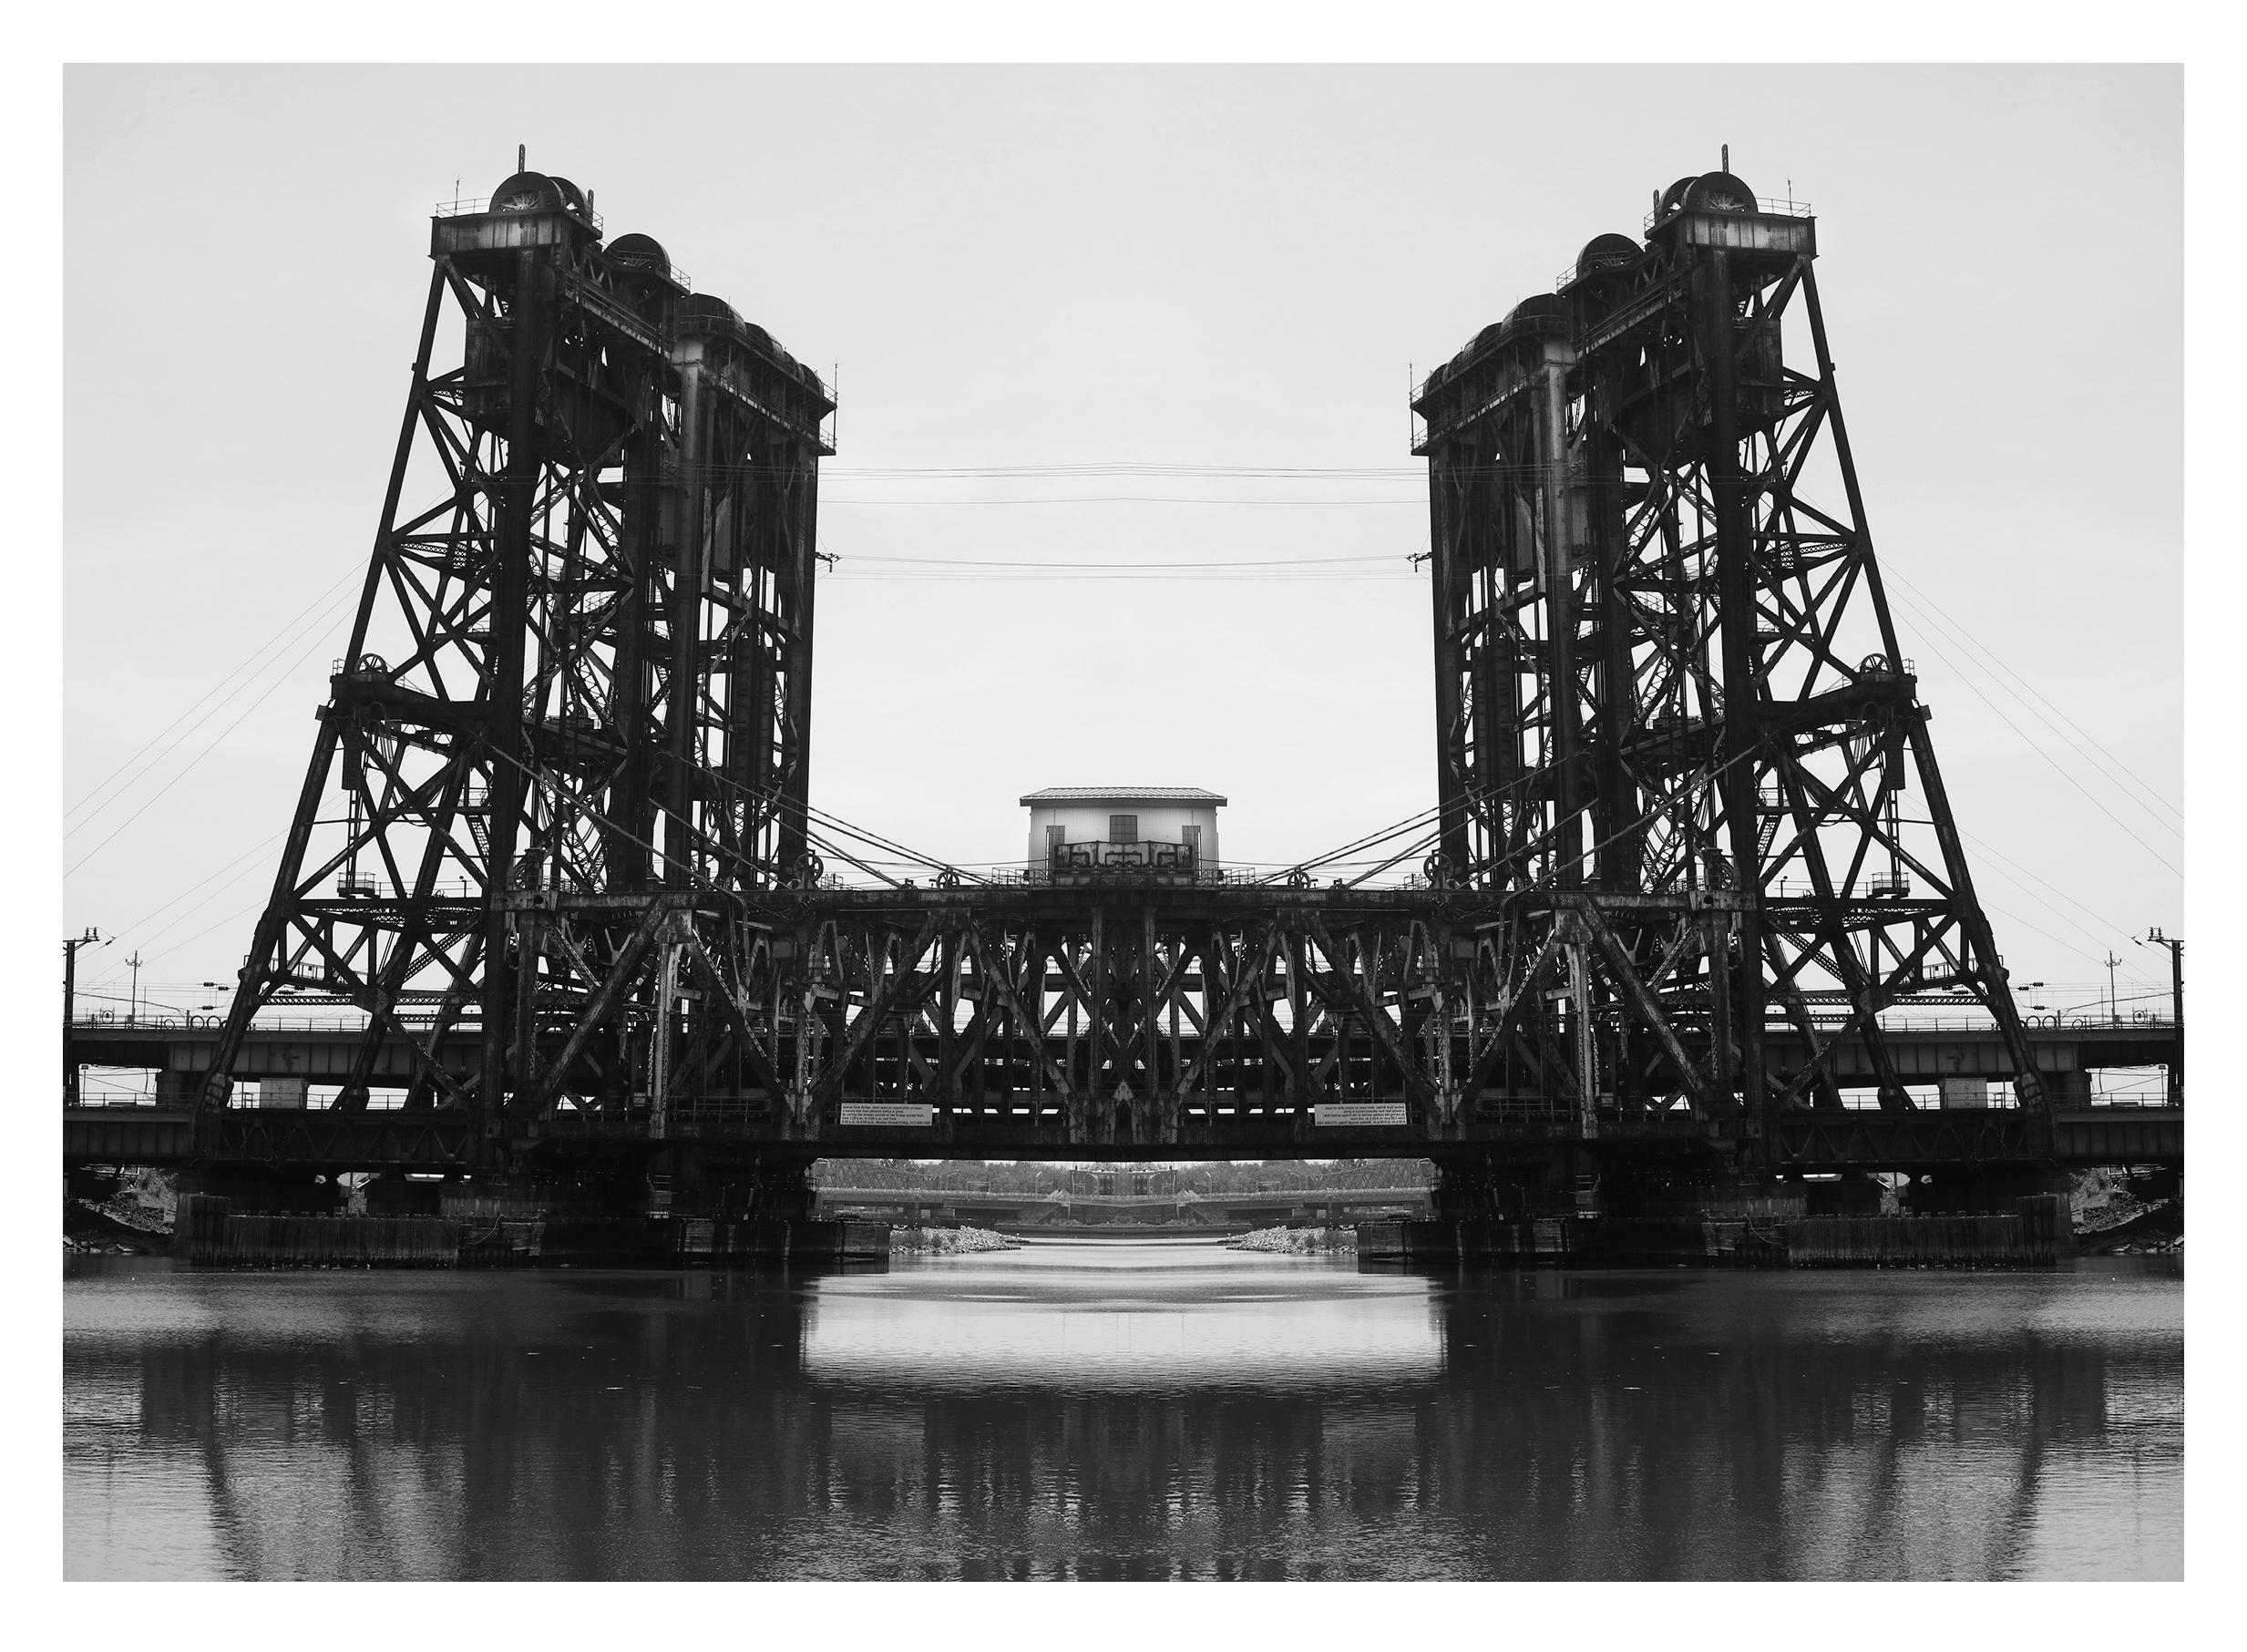 Bridge_Transformer_3.jpg